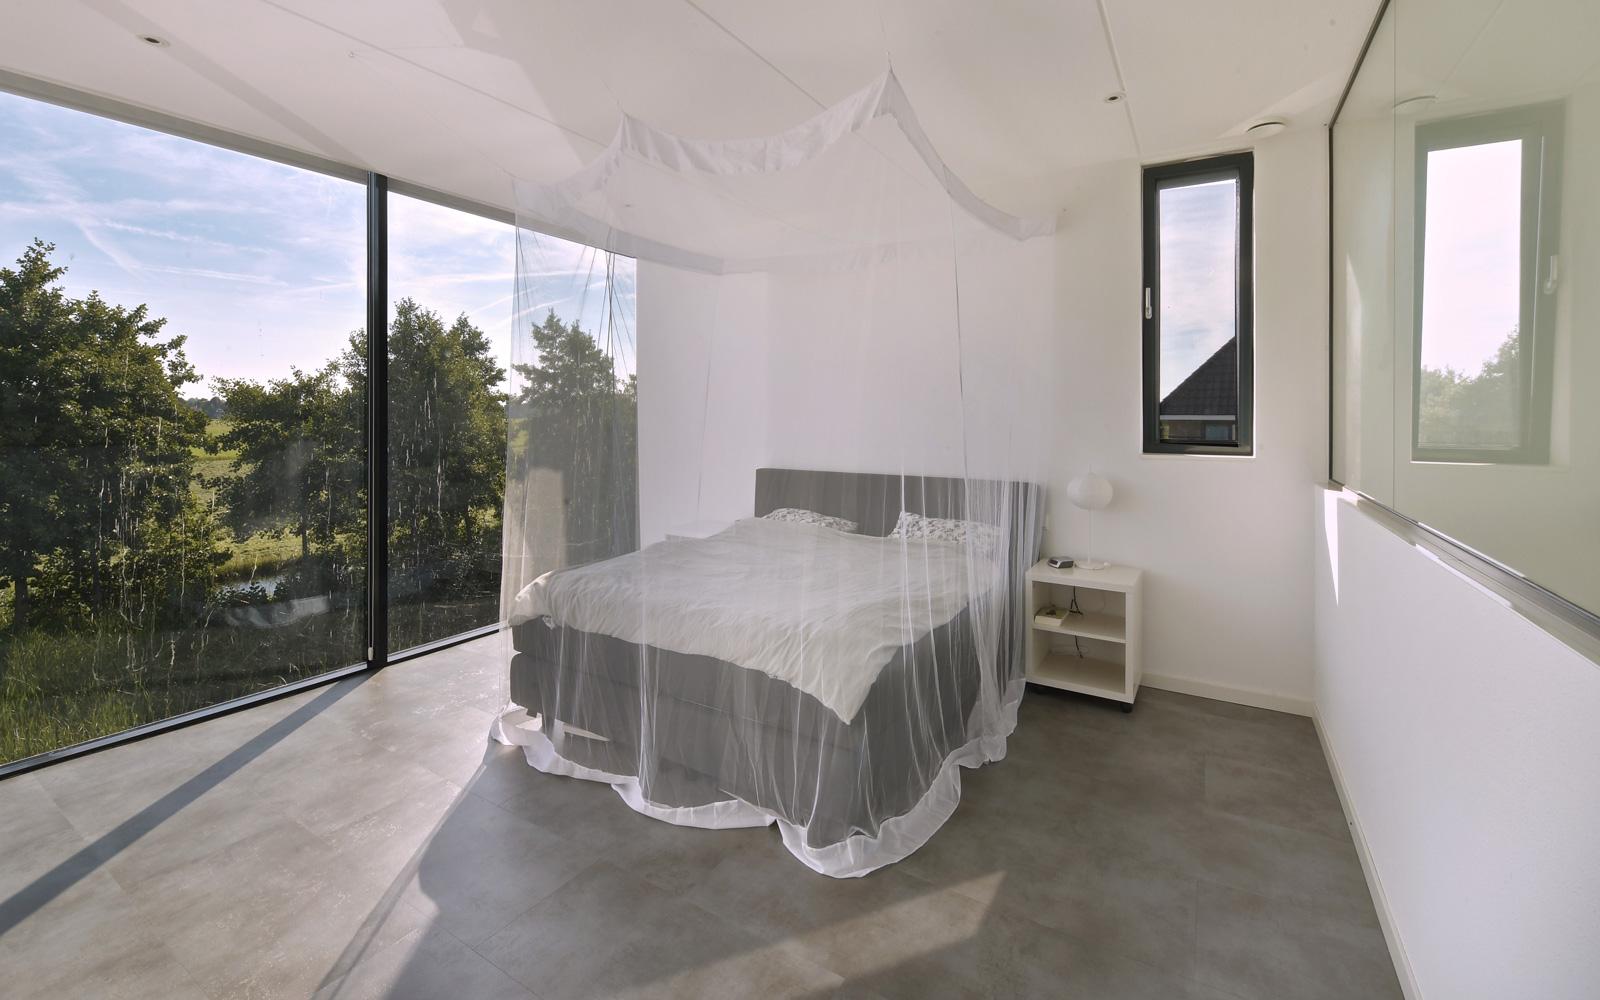 De masterbedroom heeft een grote glazen wand die zorgt voor ruimte en lichtinval.